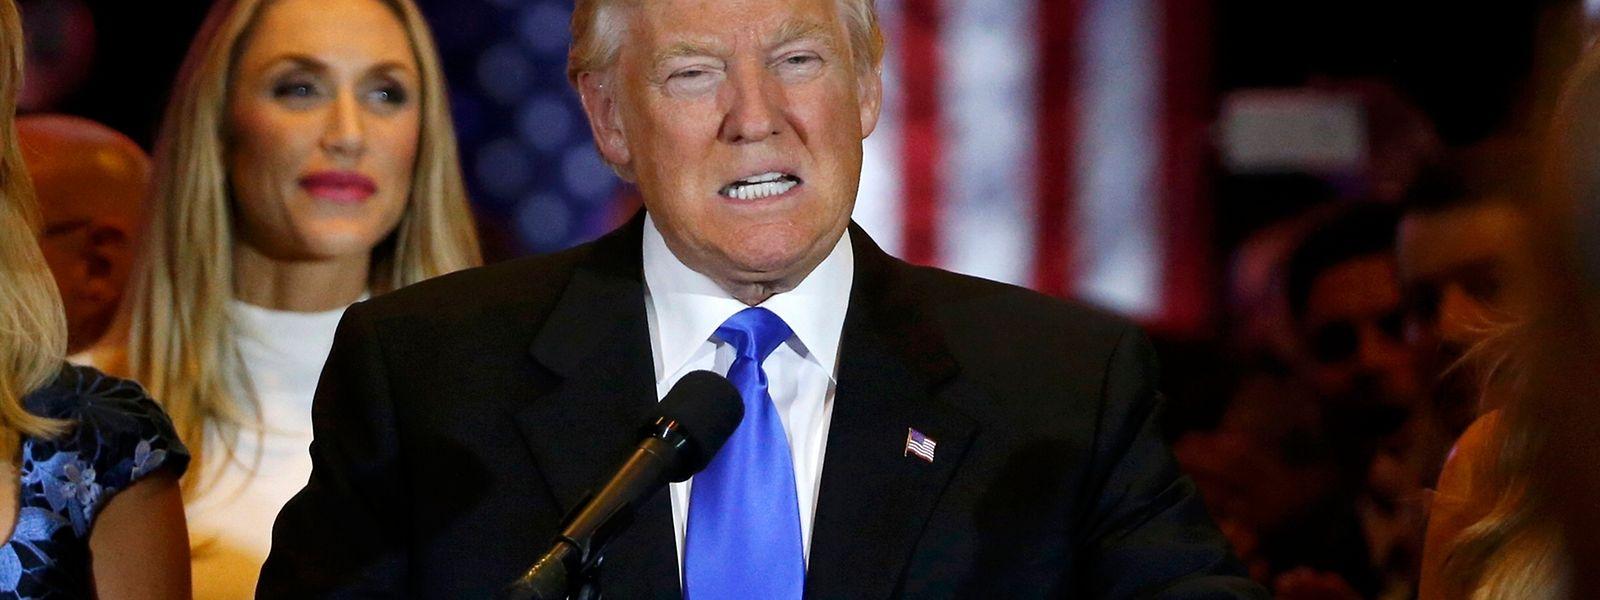 Während einer TV-Debatte hatte Donald Trump Megyn Kelly beleidigt. Jetzt scheinen beide den Streit vergessen zu haben.